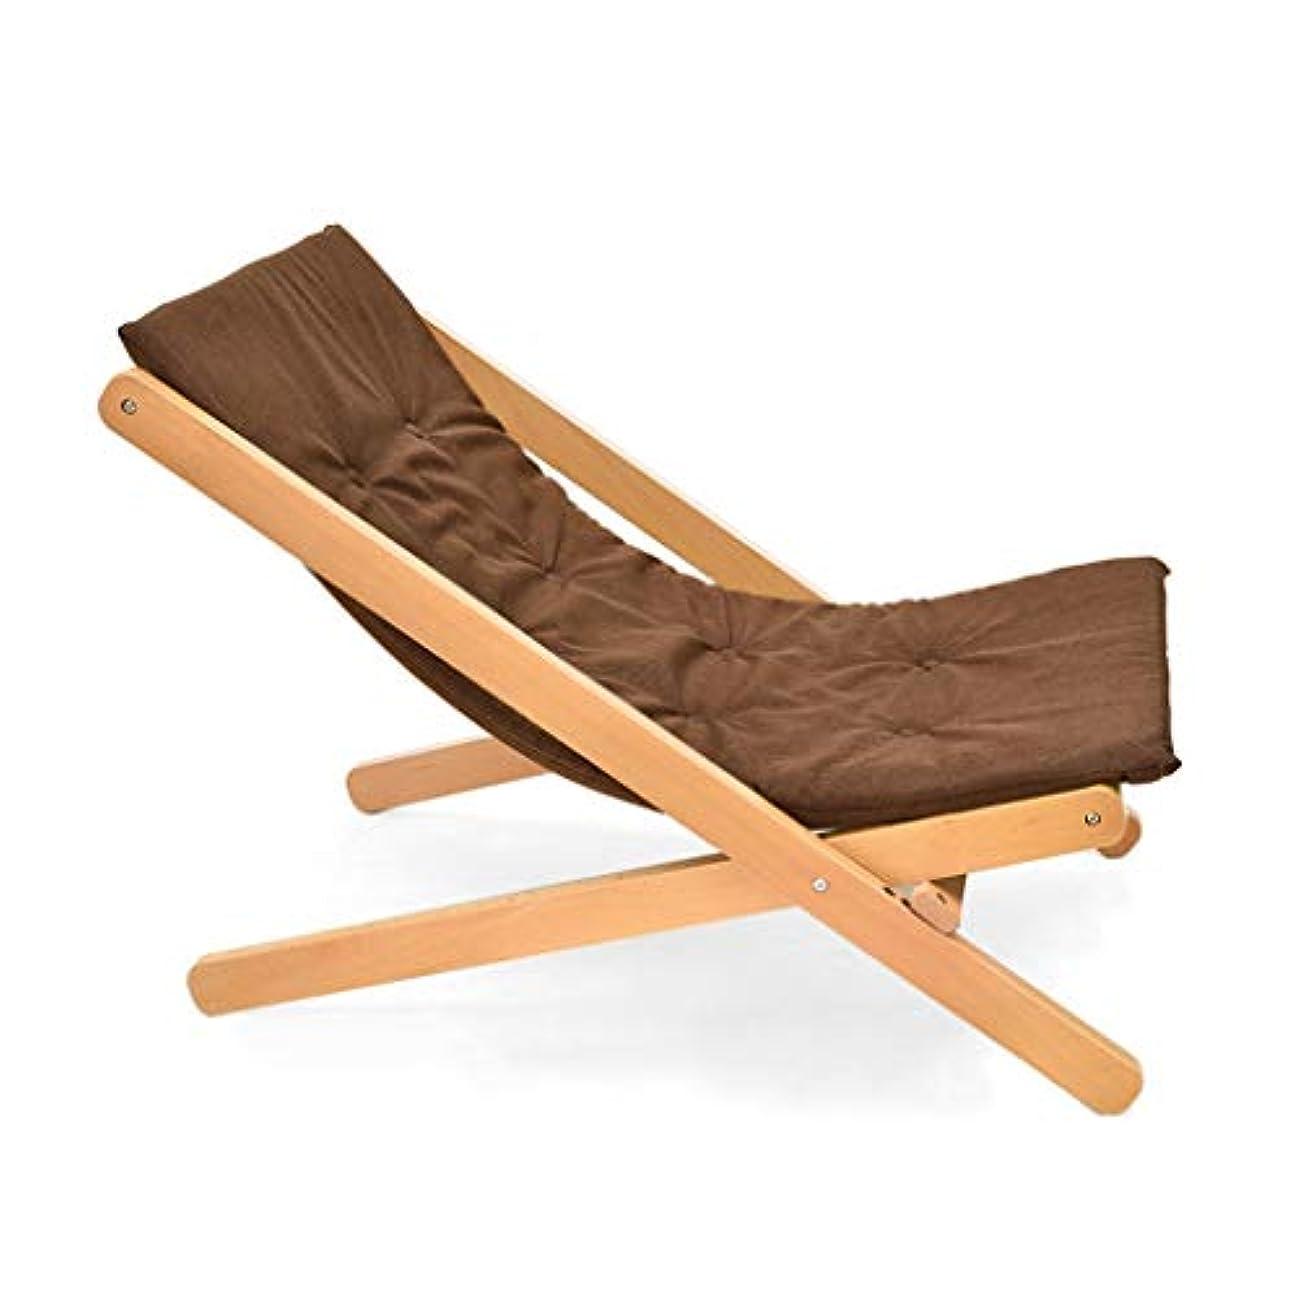 ピジン協同一般的に言えば茶色の木製折りたたみ椅子調節可能なオフィスランチブレイクリクライニングチェアホームバルコニー木製ラウンジチェアリクライニングチェアサンラウンジャーポータブル折りたたみデッキチェア